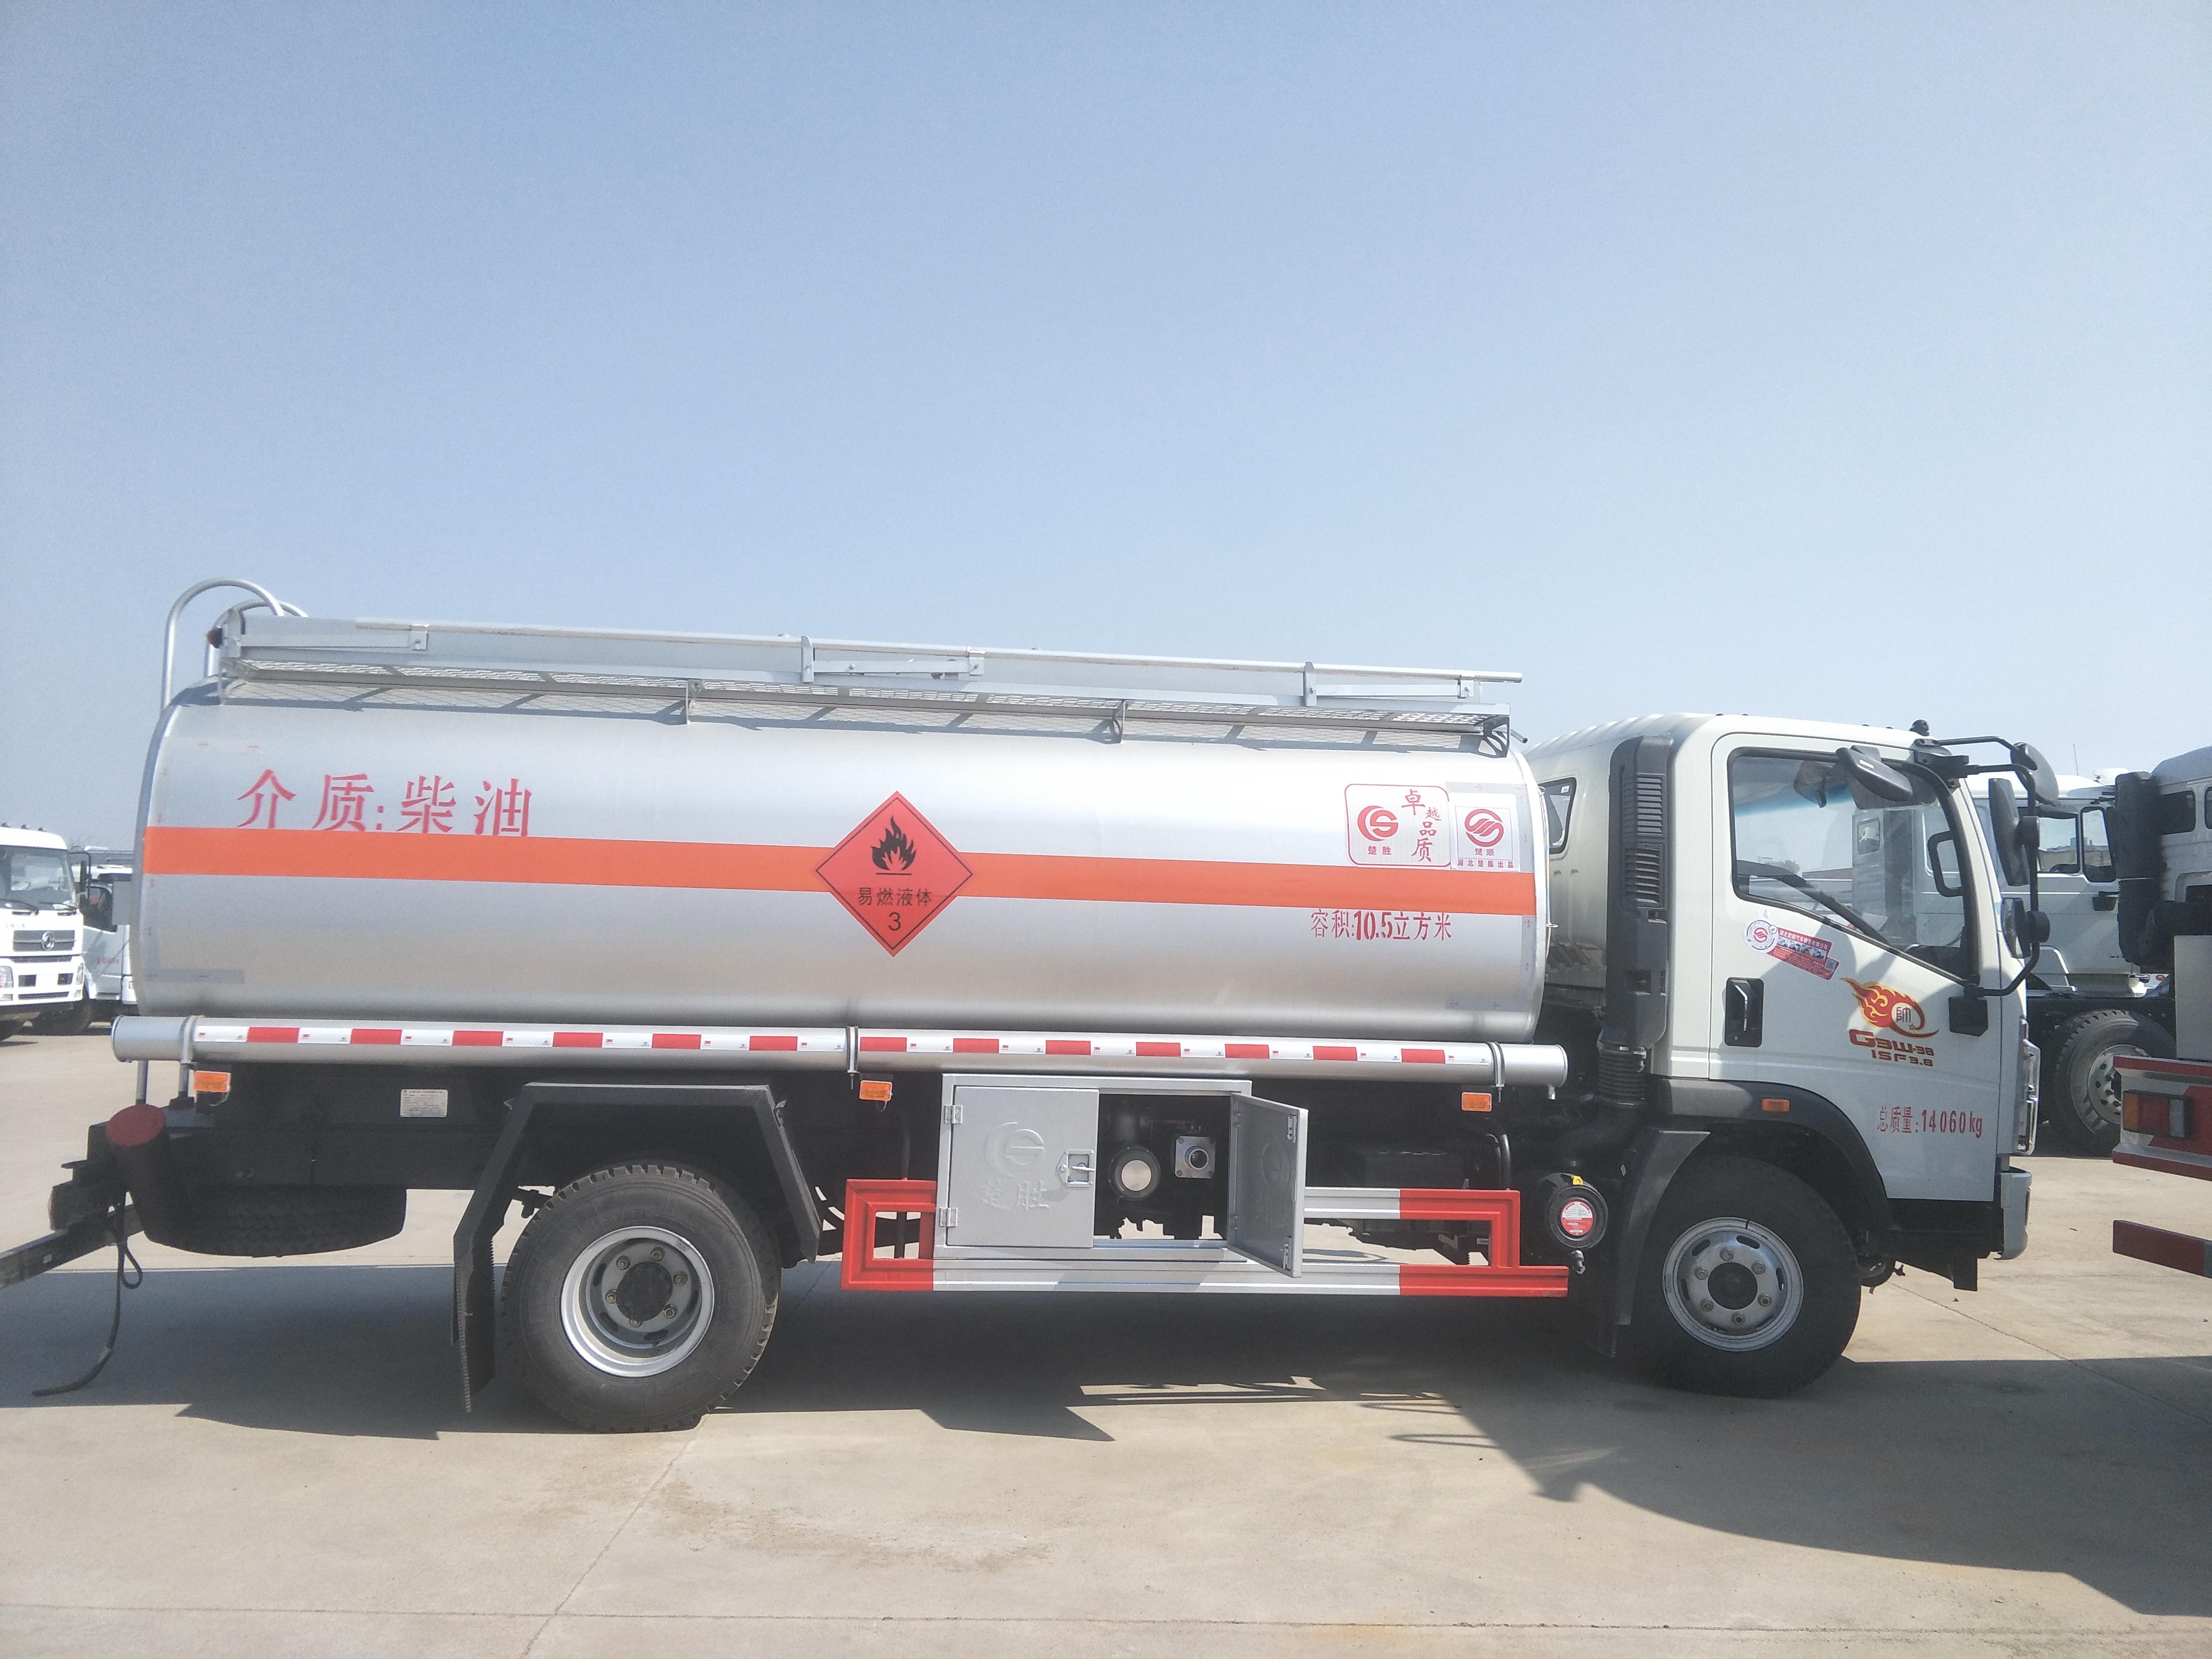 豪沃滿載10噸油罐車廠家直銷 包上戶 可分期_高清圖片